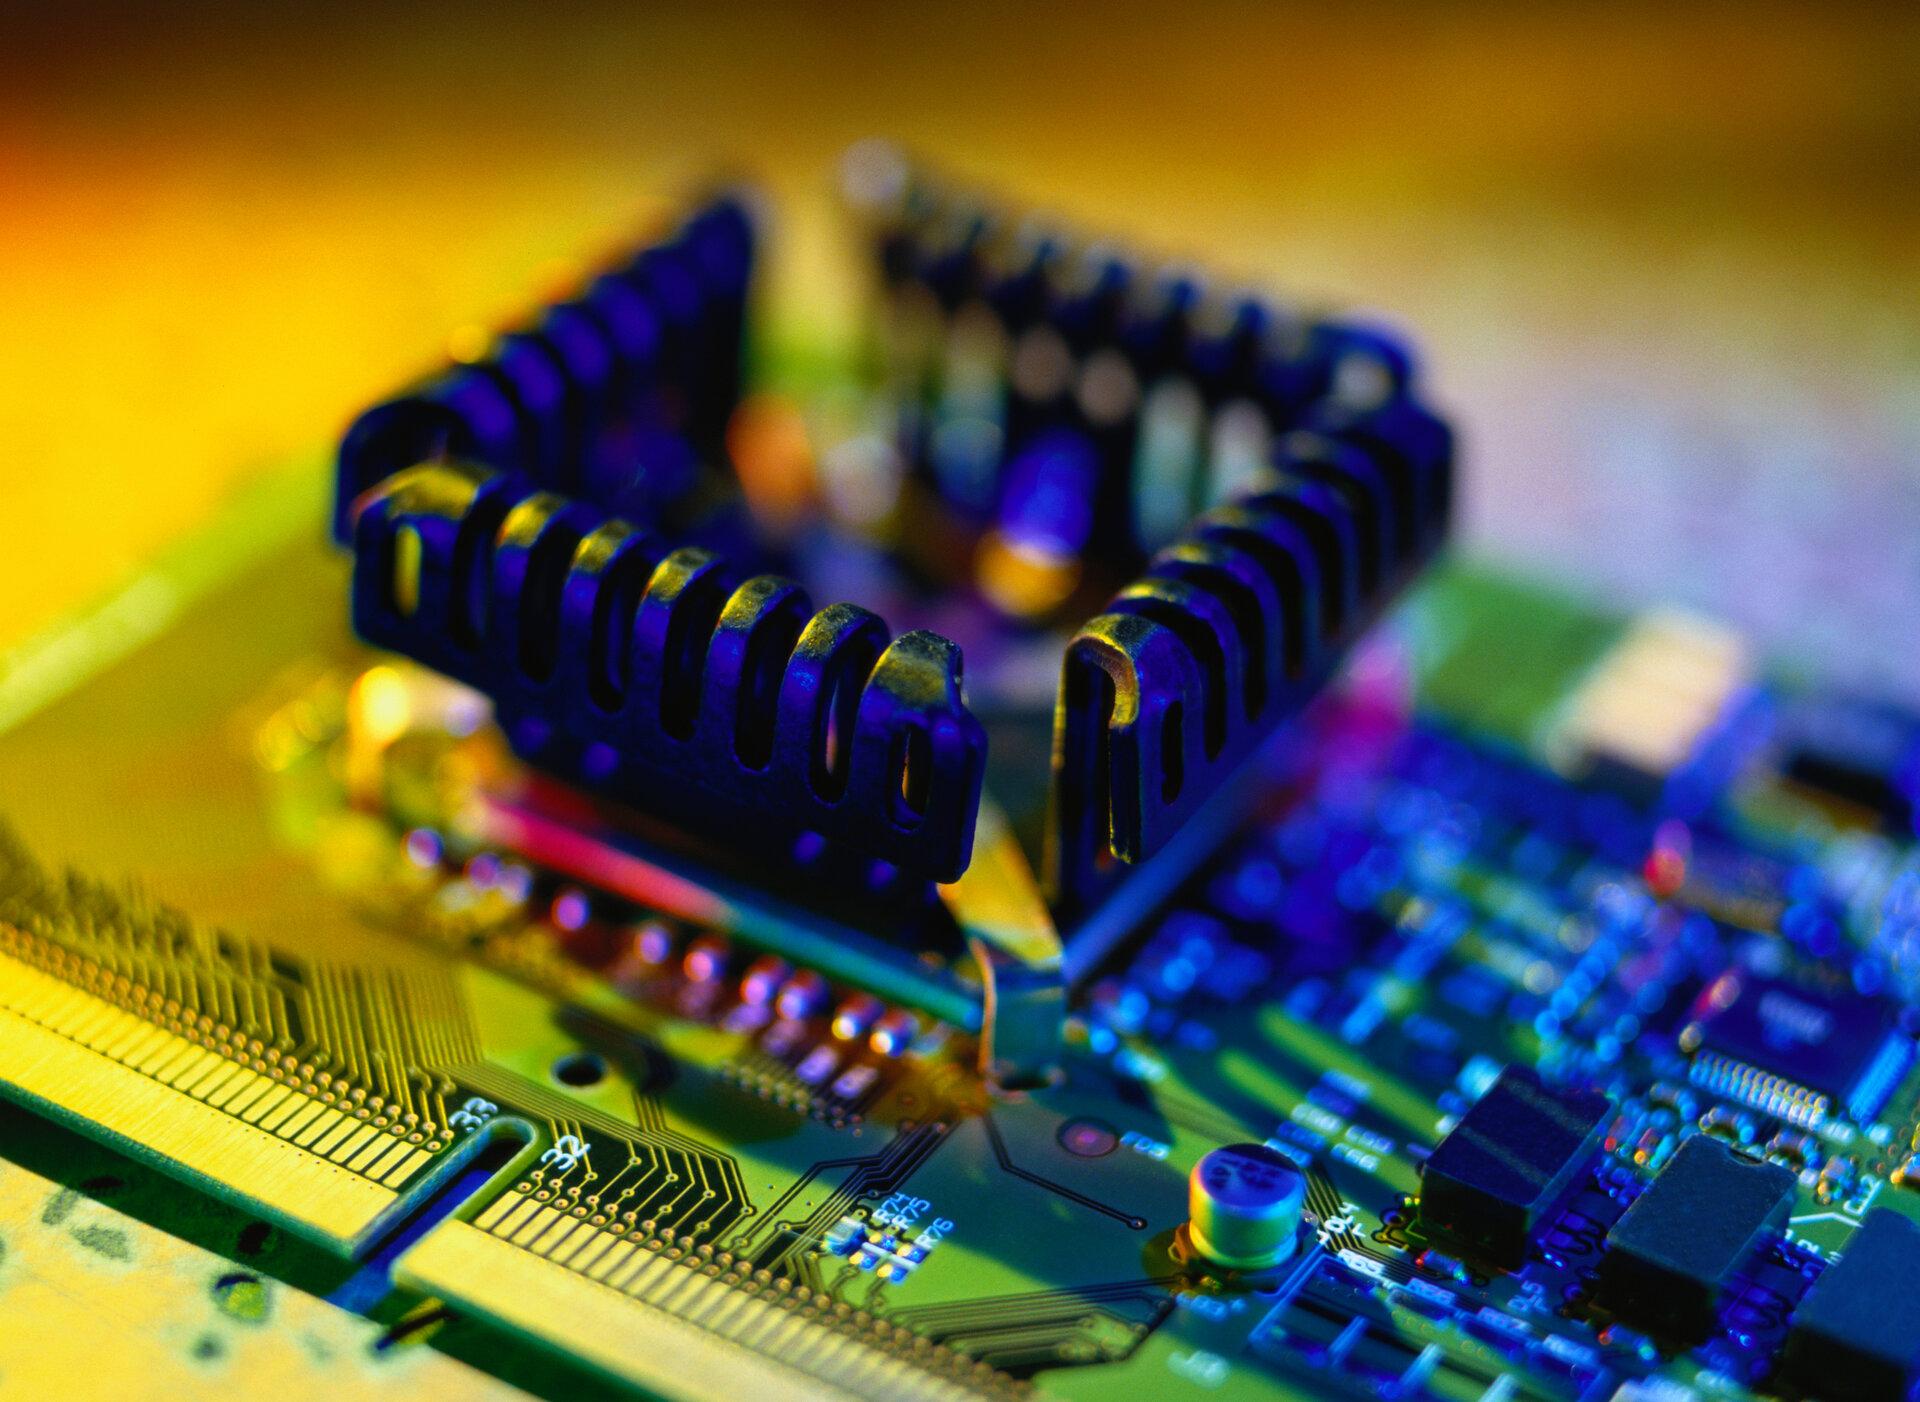 ESA - Electrical engineering